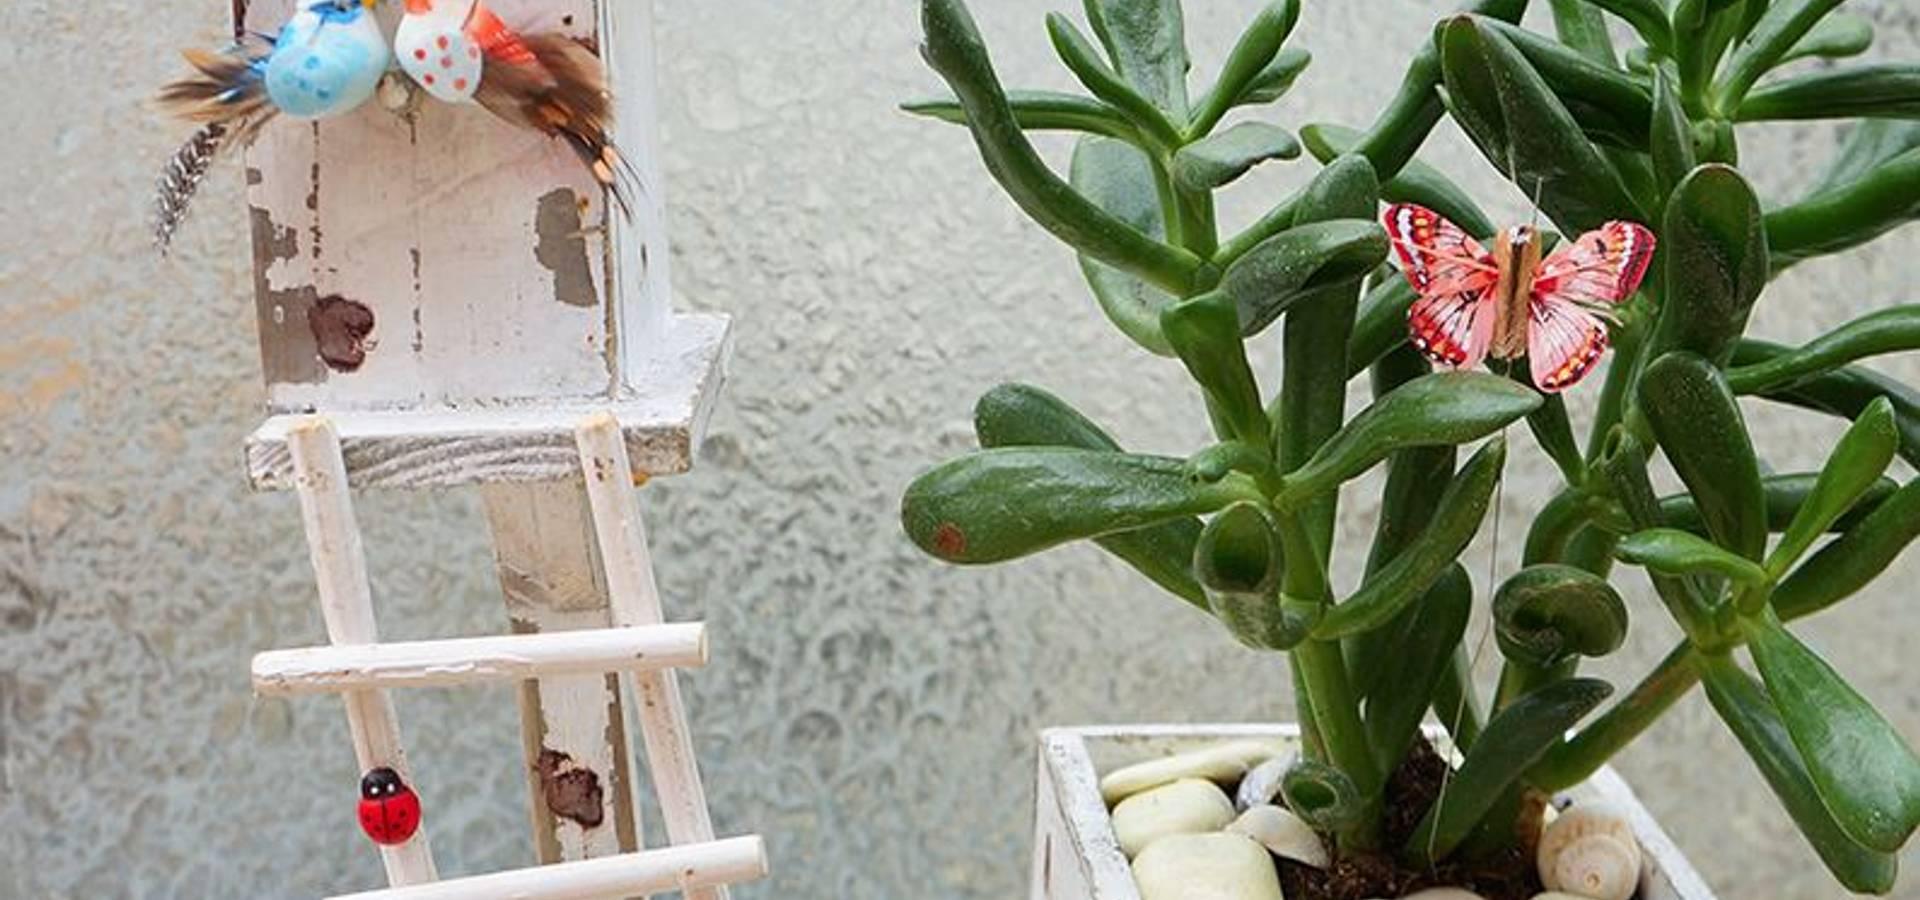 ÇiçekveBahçe Bitki Tasarım Atölyesi